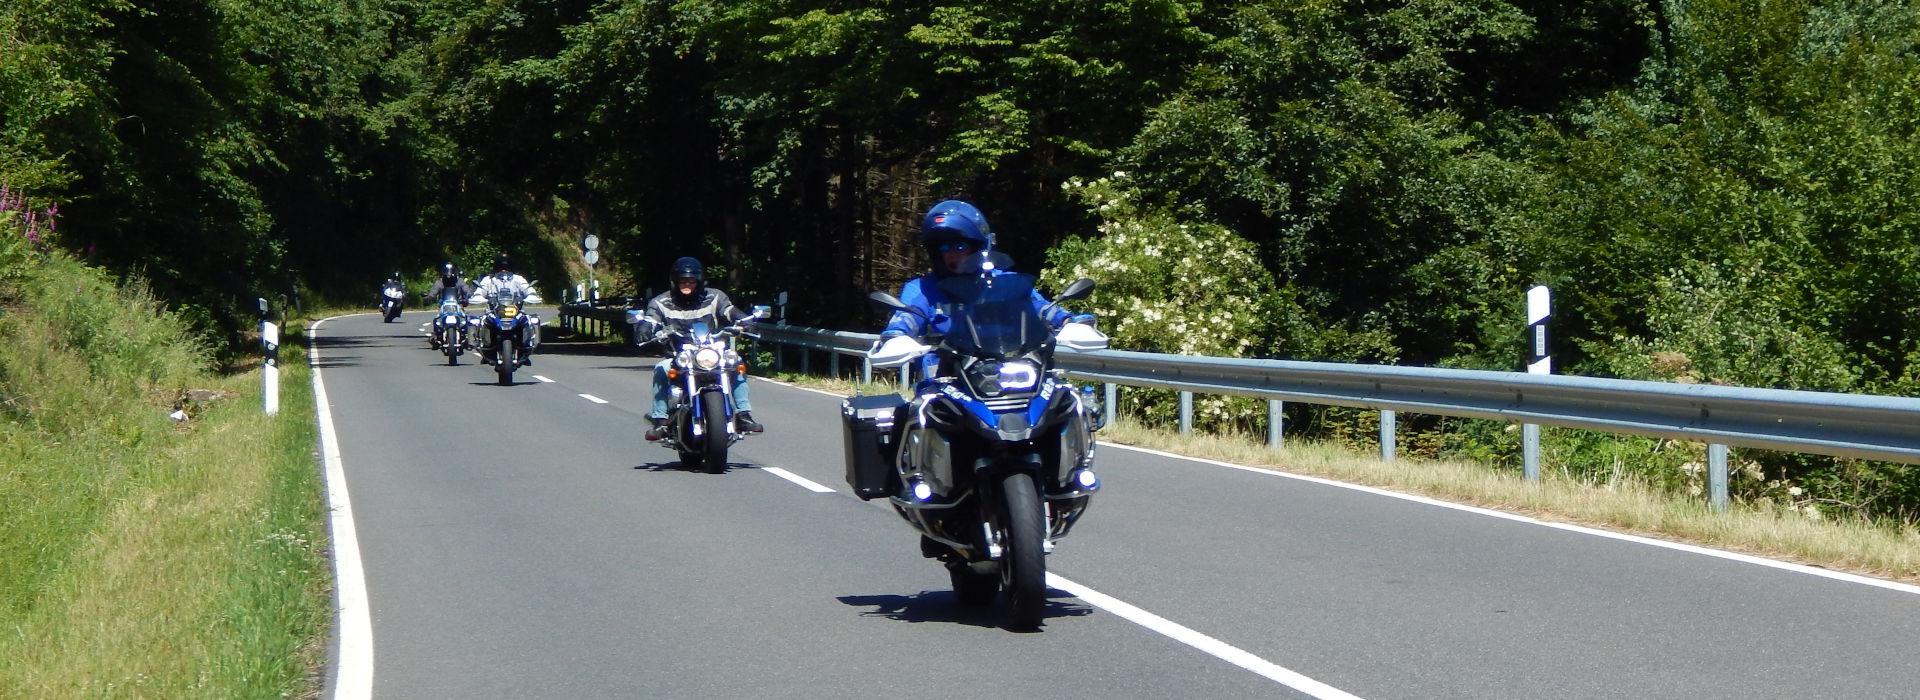 Motorrijbewijspoint Oude Wetering spoed motorrijbewijs